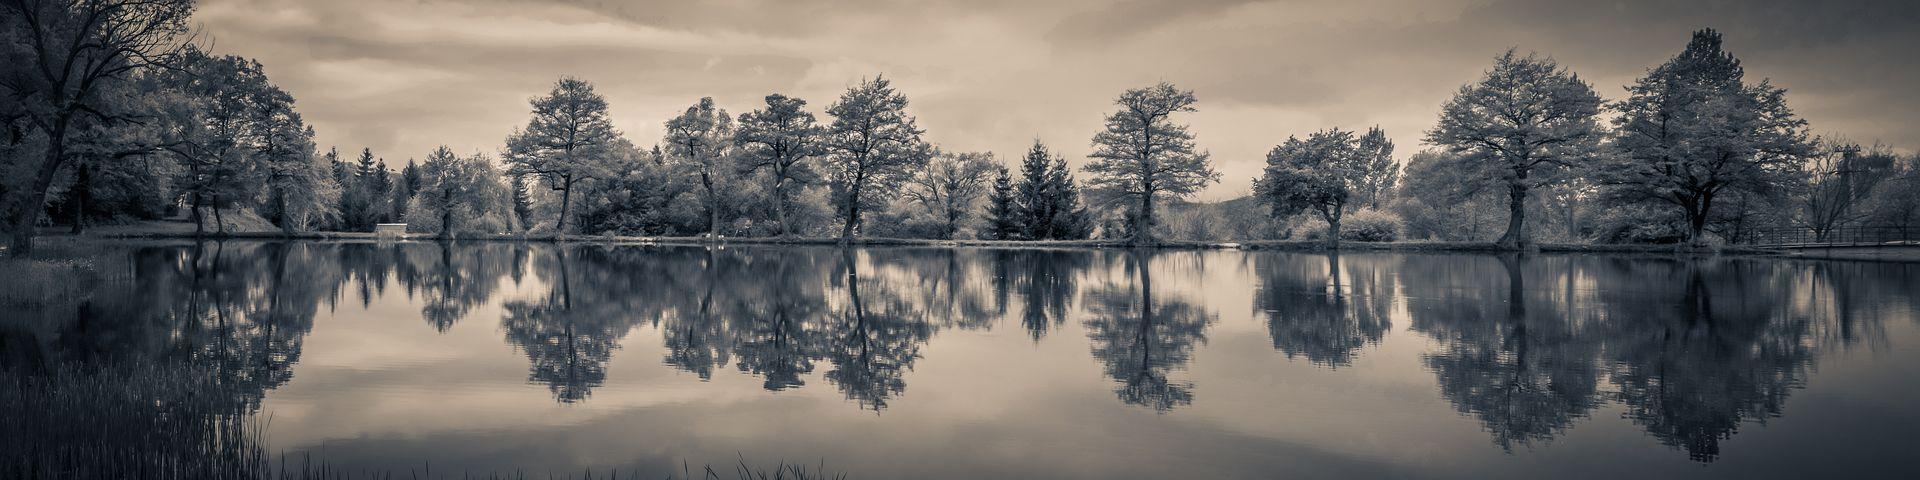 Panorama, Landscape, Reflection, Lake, Nature, Water